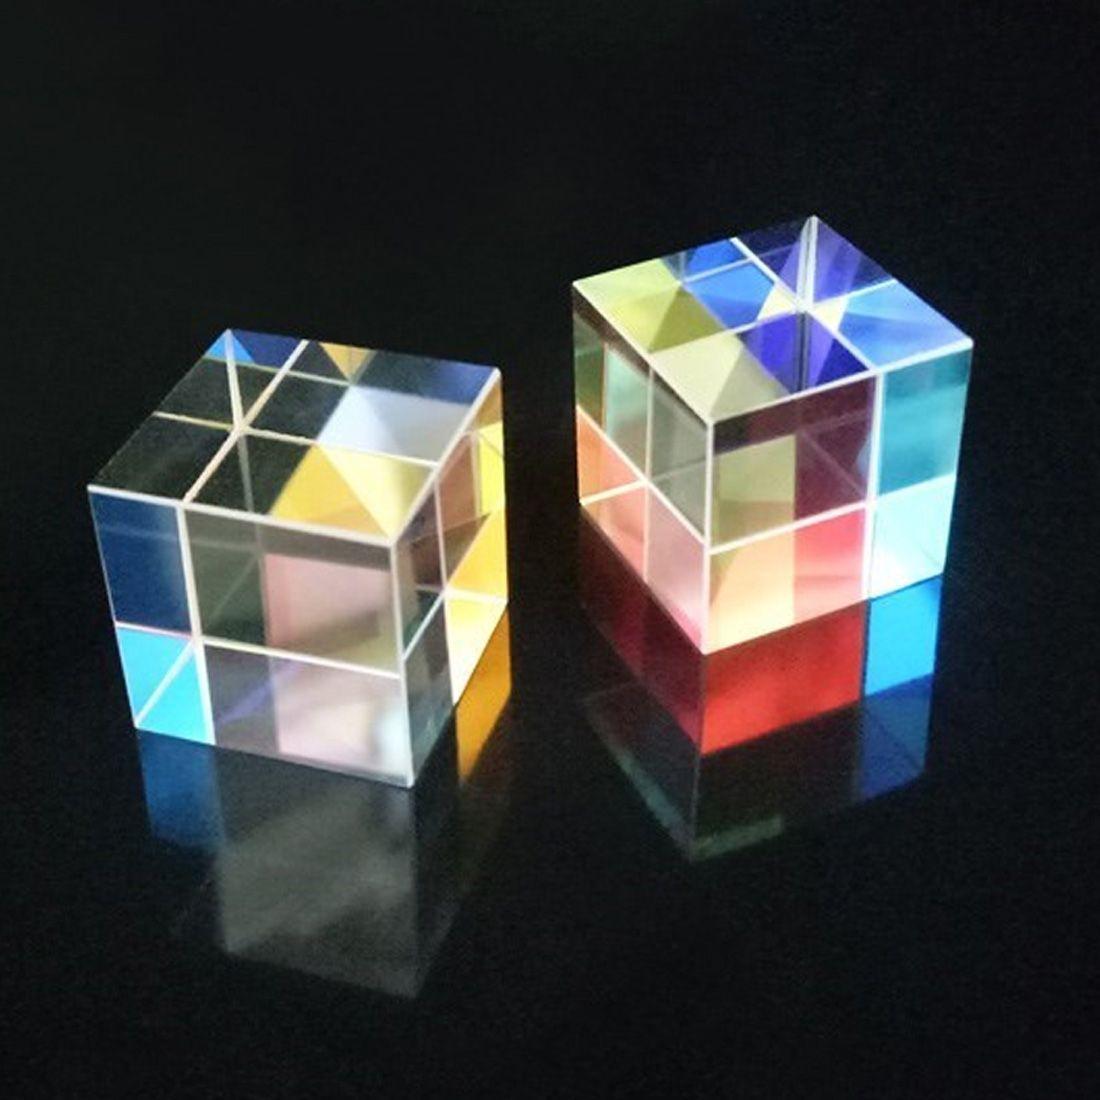 Optische Glas Material Prüfung Instrument 15*15*15mm Optische Glas Sechs Seiten Prismen Rechtwinklig Objektiv Optica